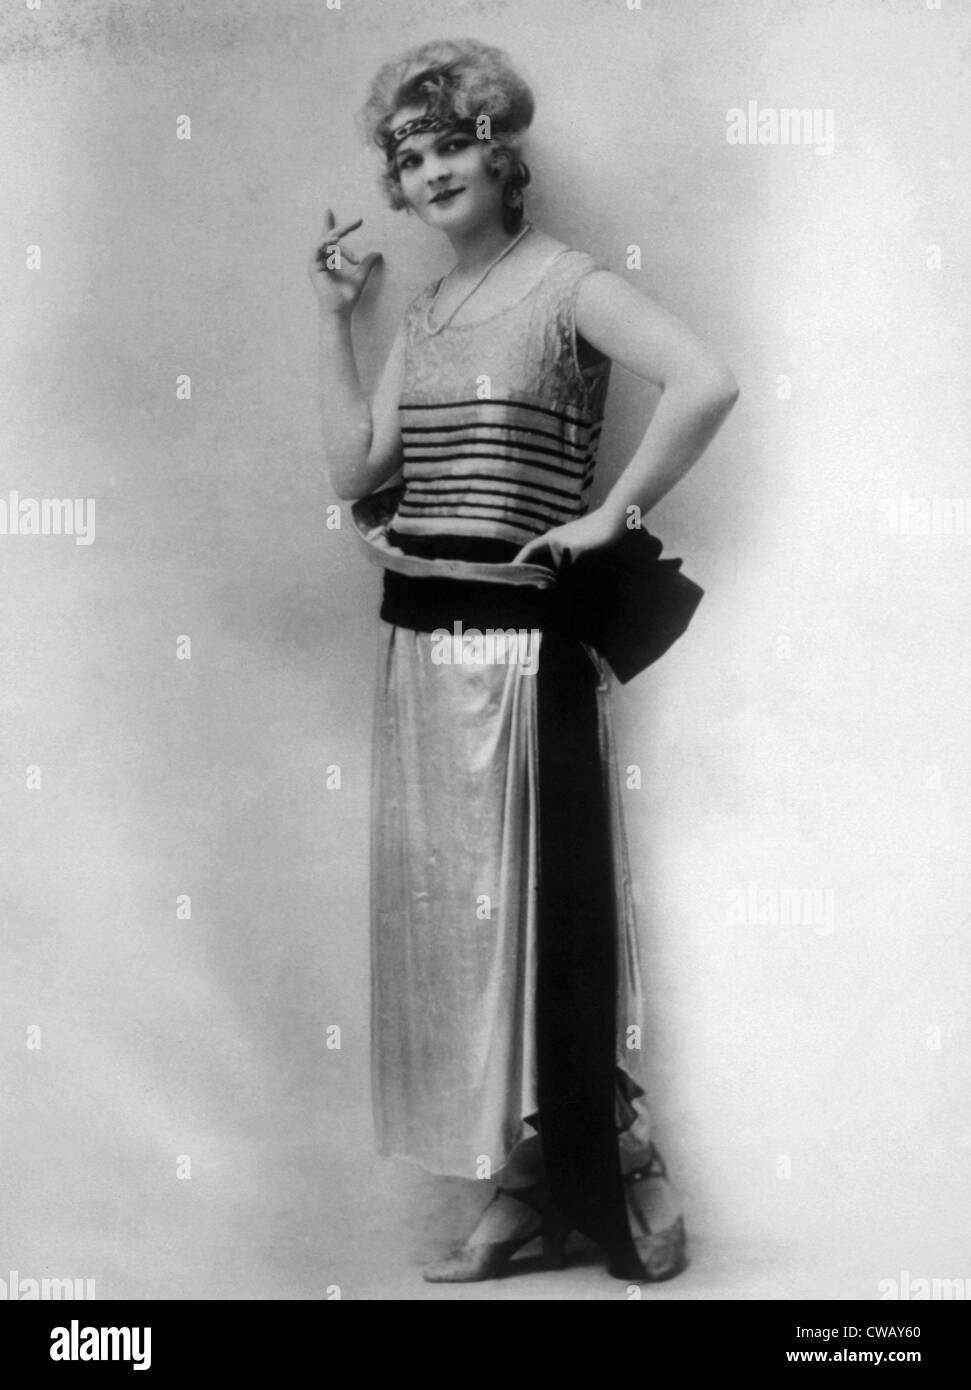 Abendkleid aus silbrig Paris wolle mit schwarzem Samt-Gürtel, ca. 1923. Foto: Courtesy Everett Collection Stockbild